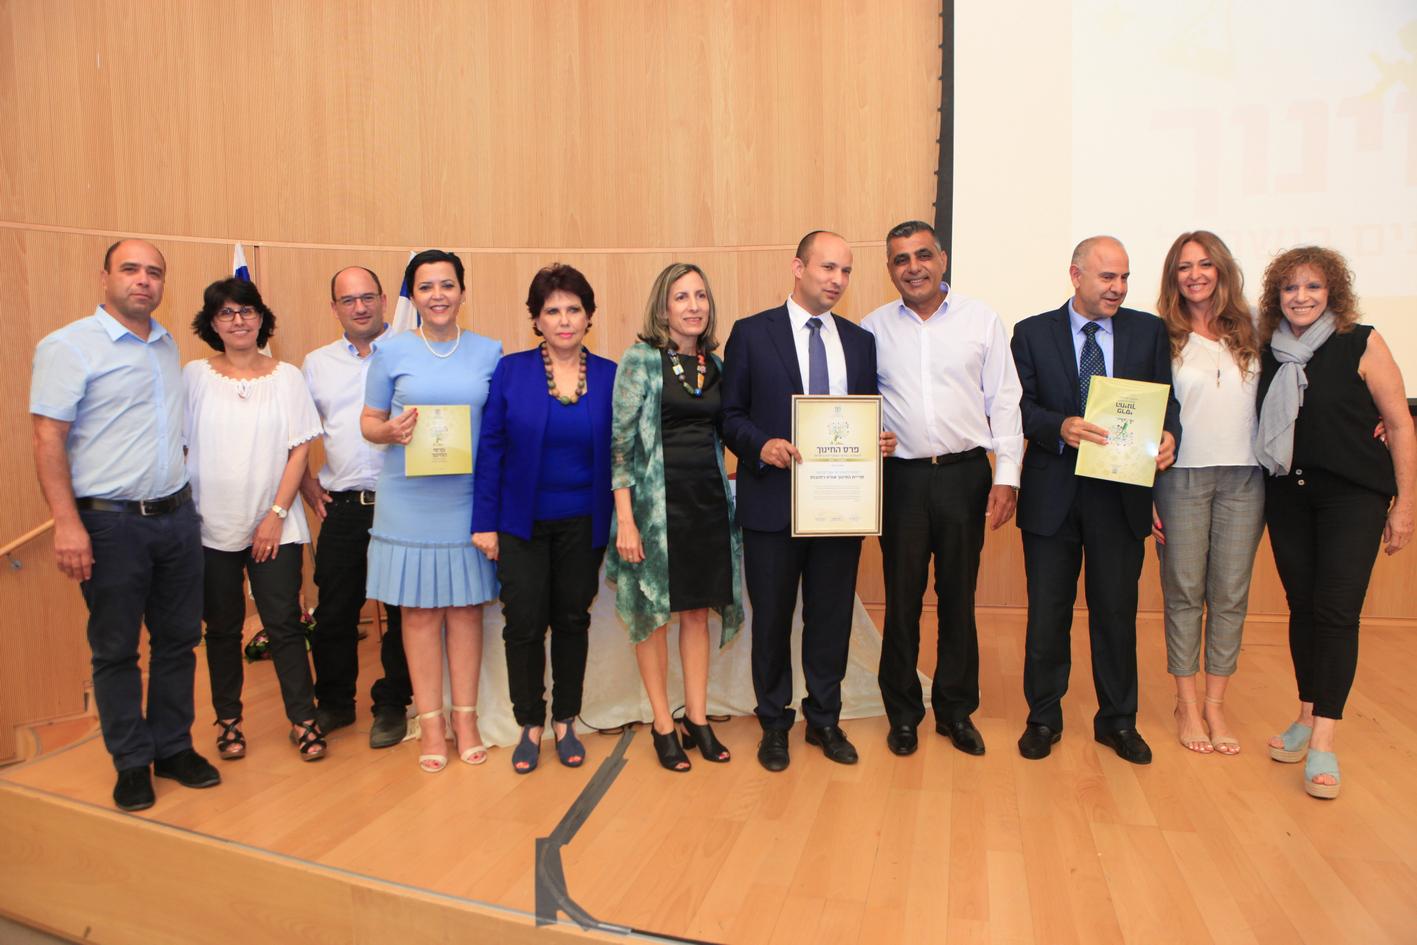 נציגי אורט רחובות בטקס קבלת פרס החינוך הארצי